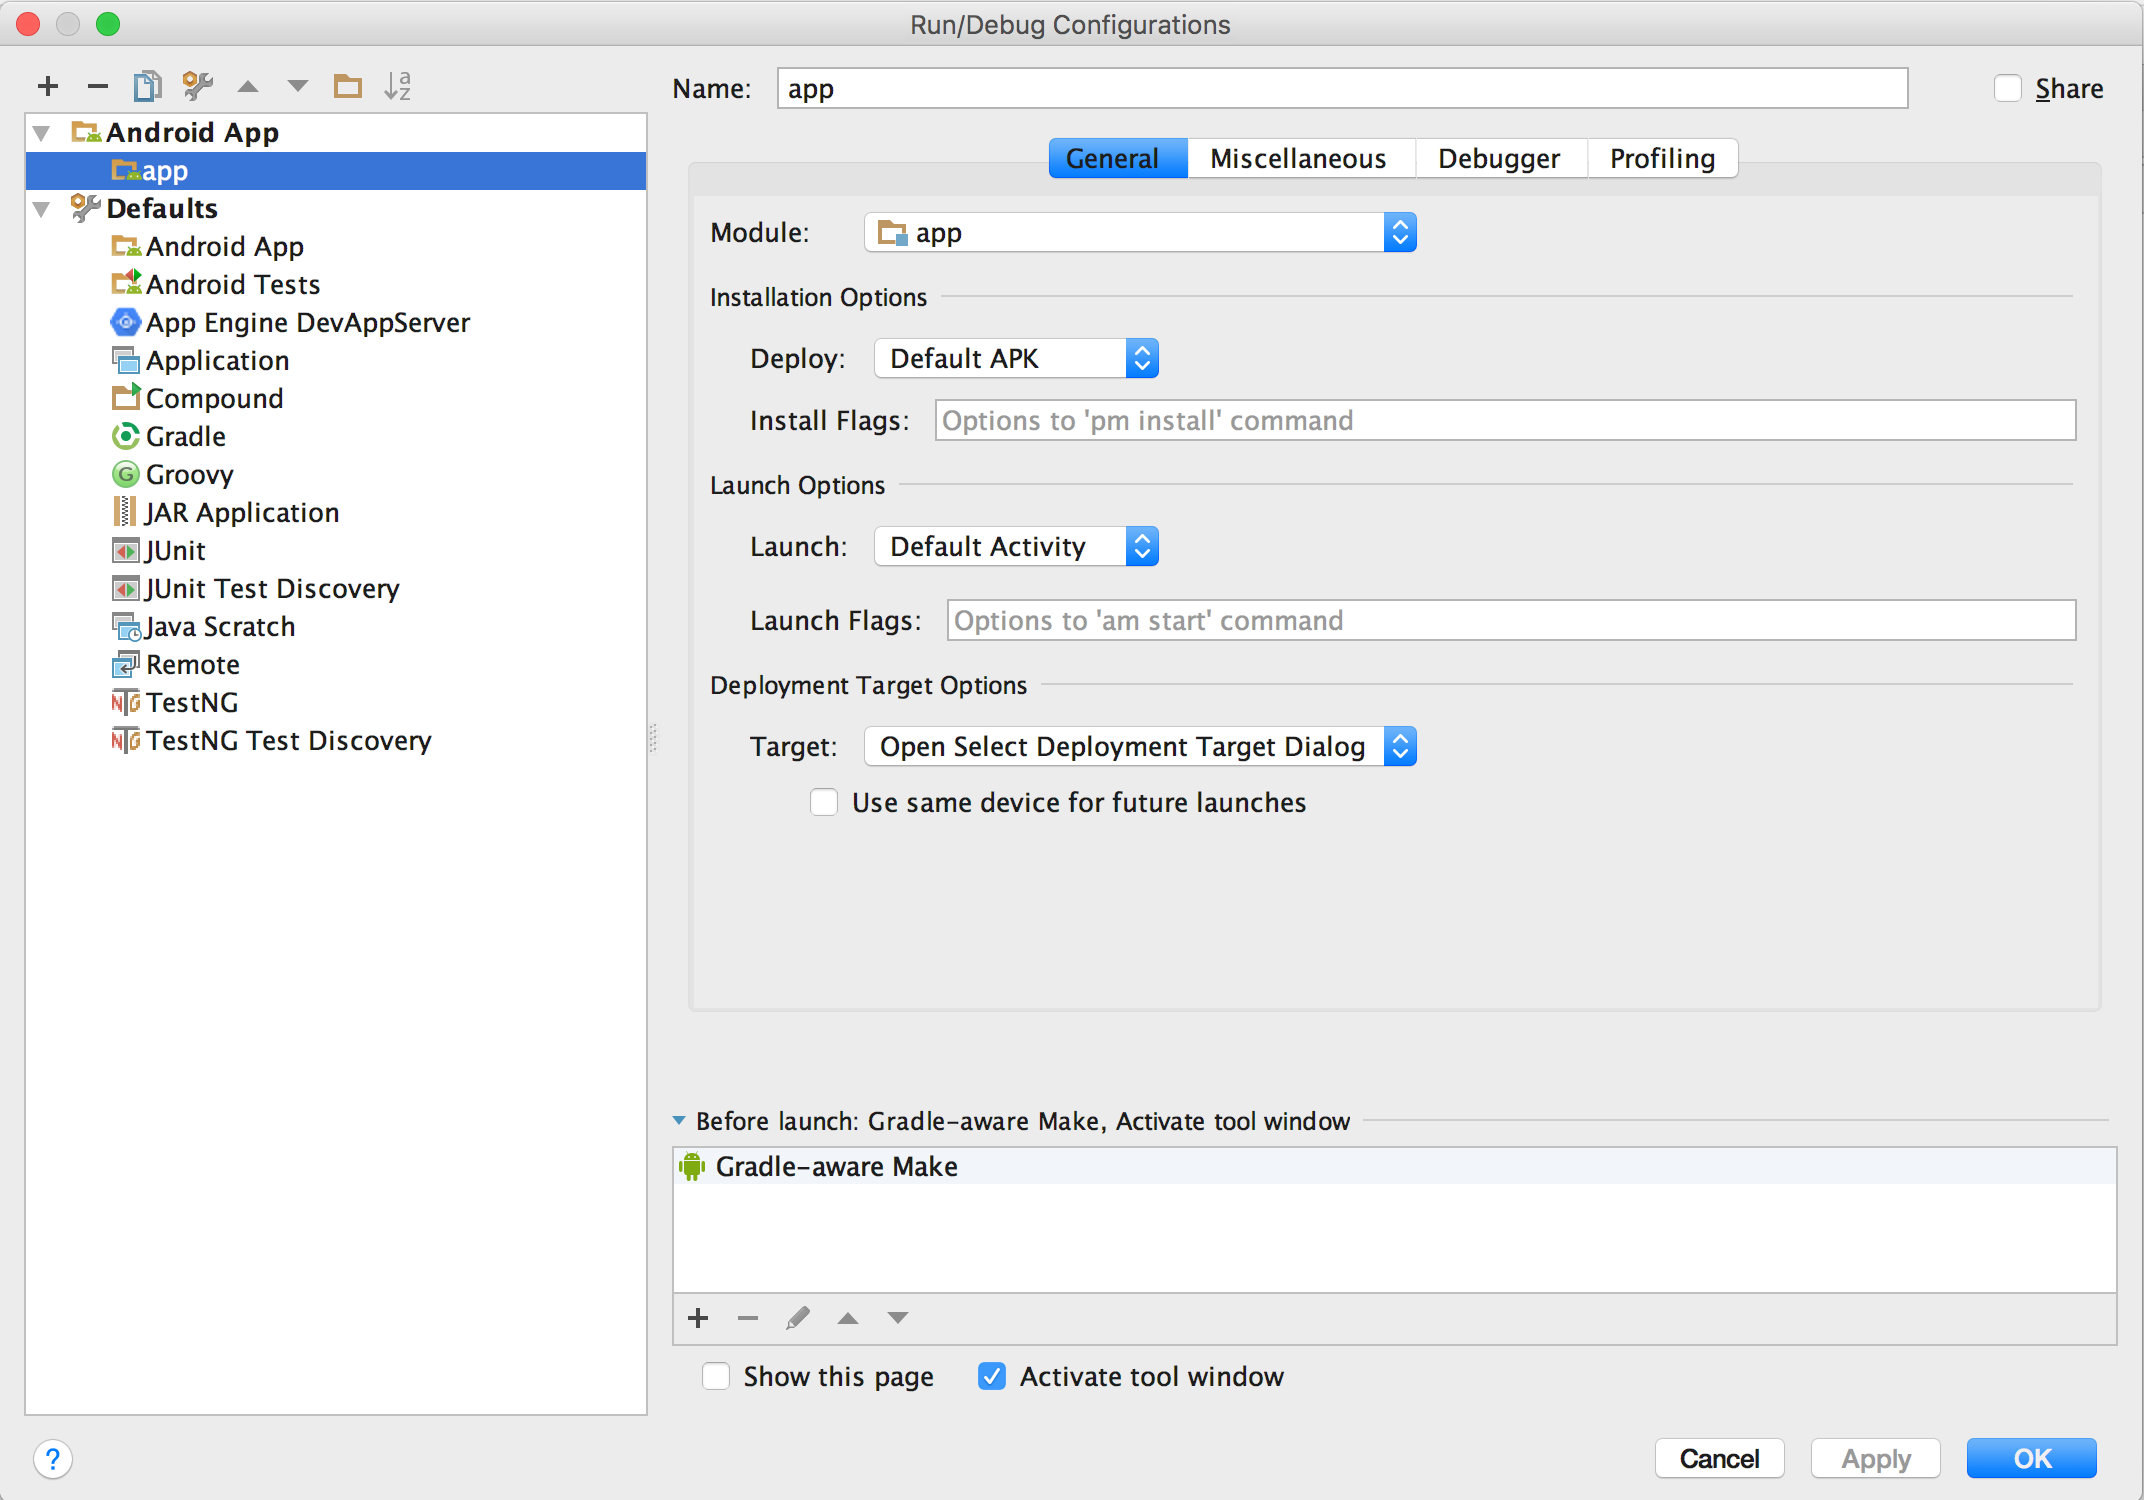 Crie e edite configurações de execução/depuração | Android Developers